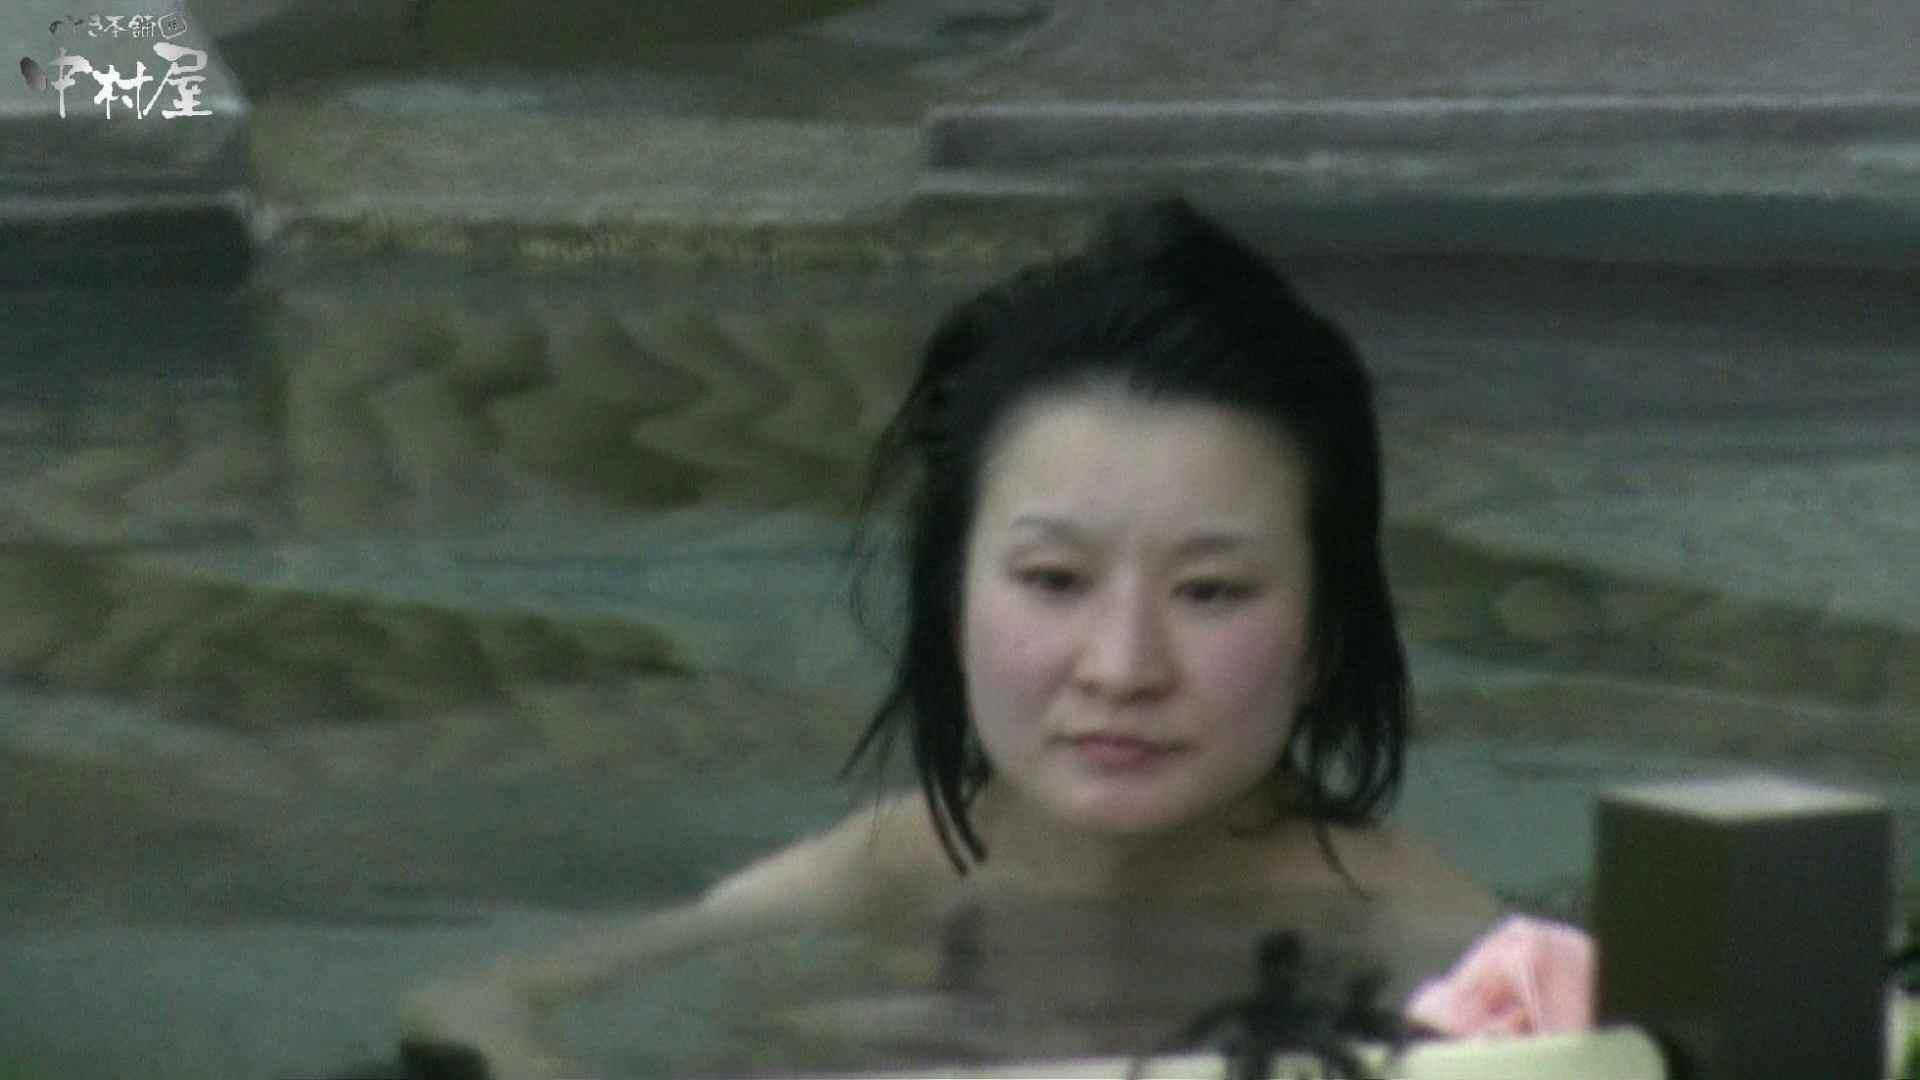 Aquaな露天風呂Vol.982 美しいOLの裸体   盗撮師作品  78pic 49